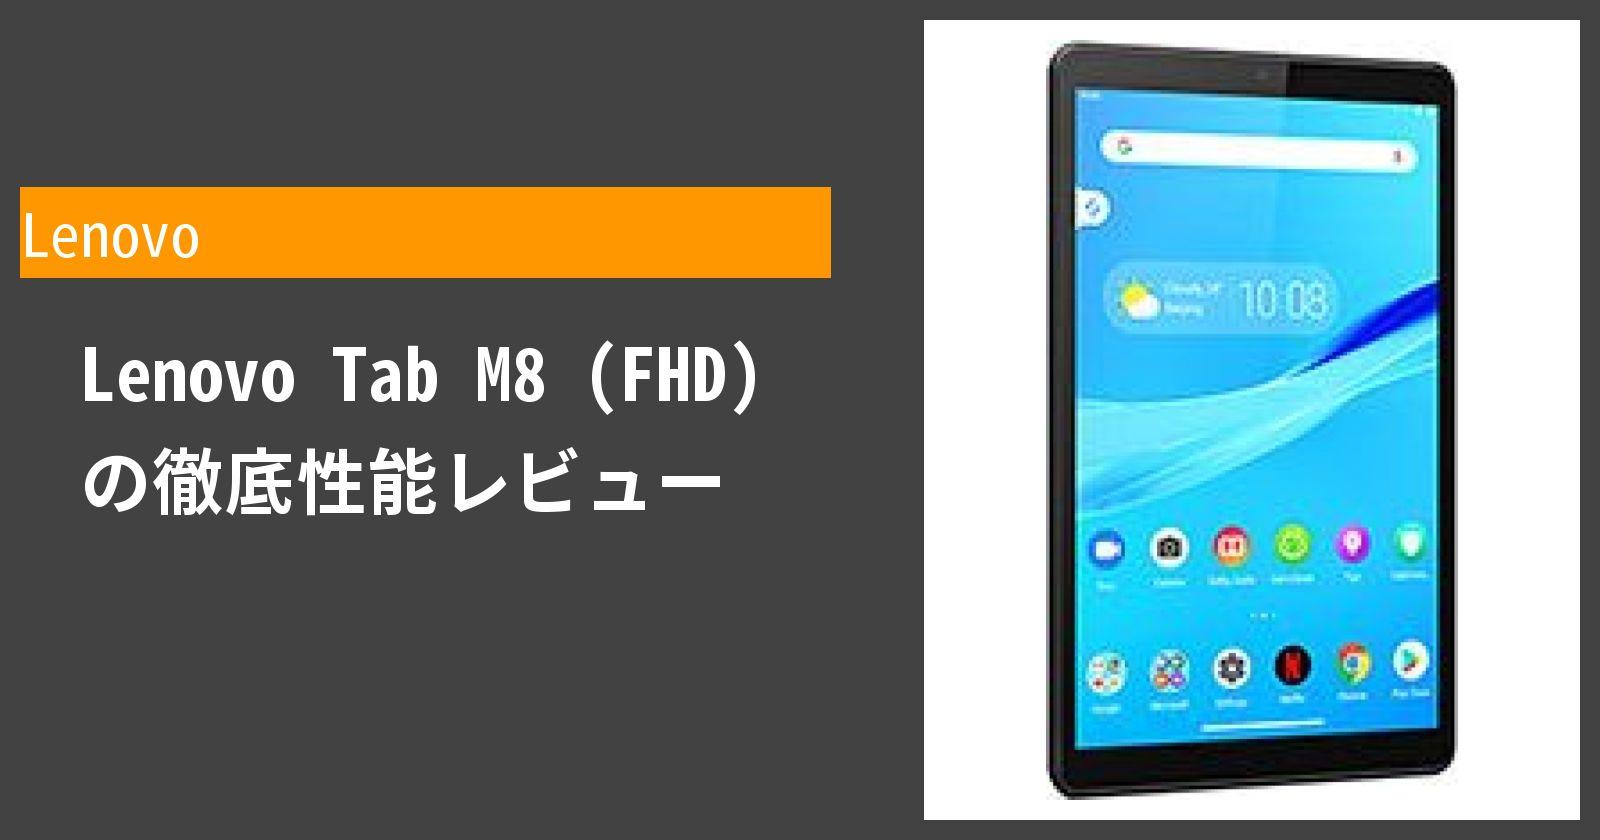 Lenovo Tab M8 (FHD) の徹底性能レビュー